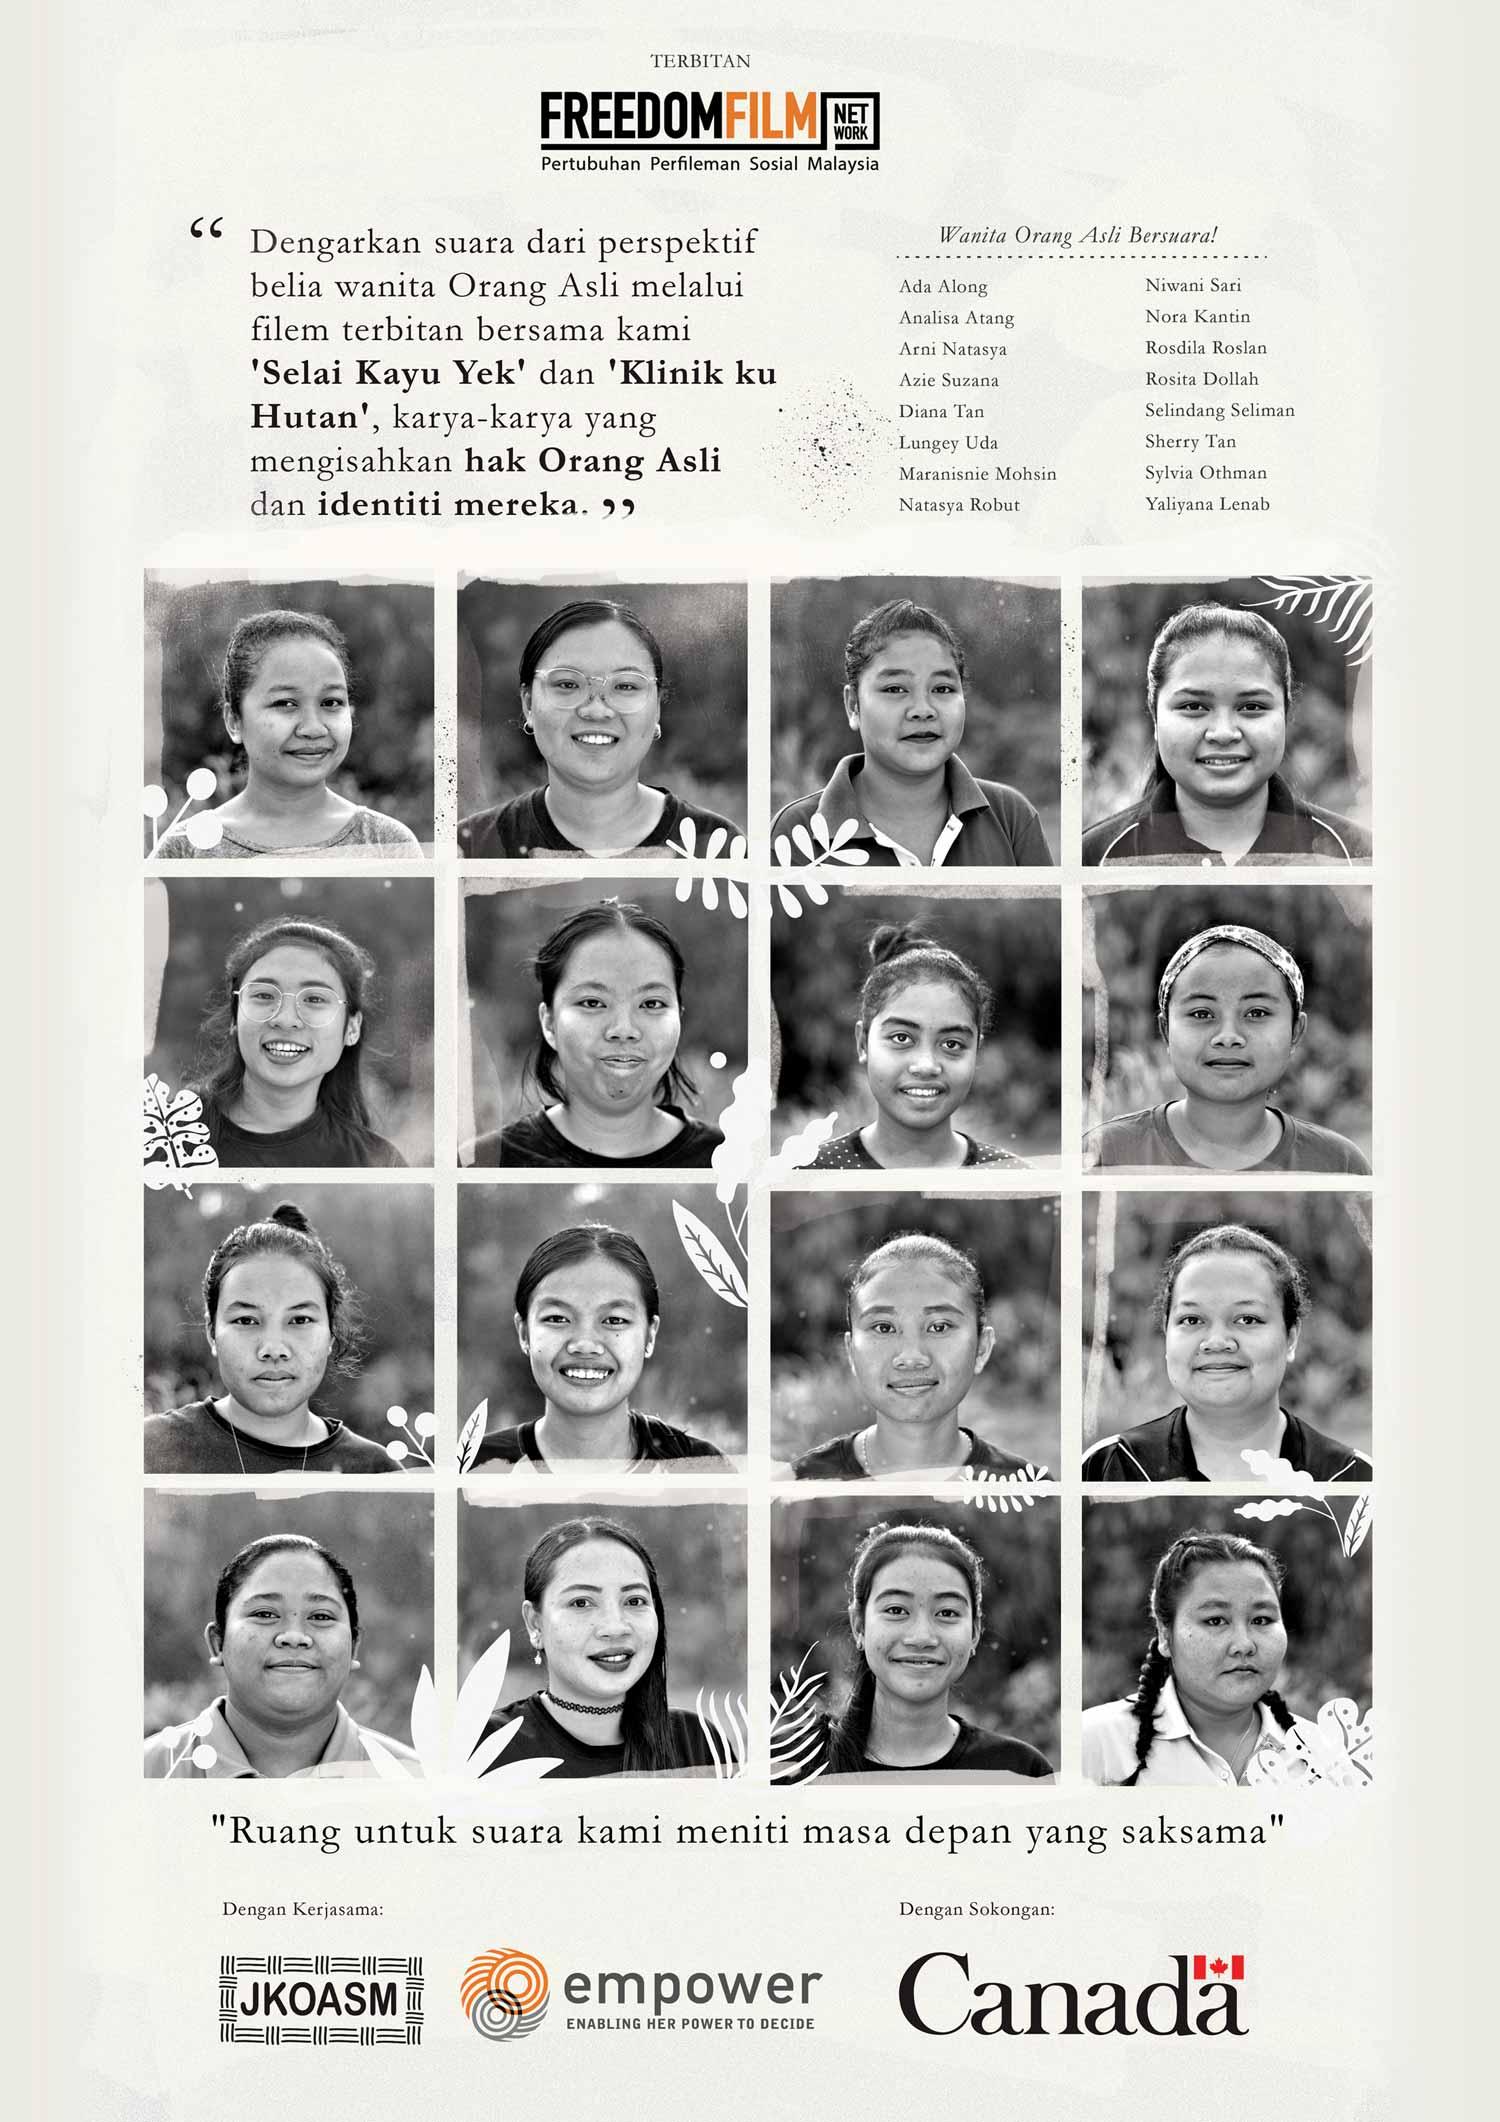 Selai Kayu Yek + Klinik Ku Hutan (FreedomFilmFest 2020)